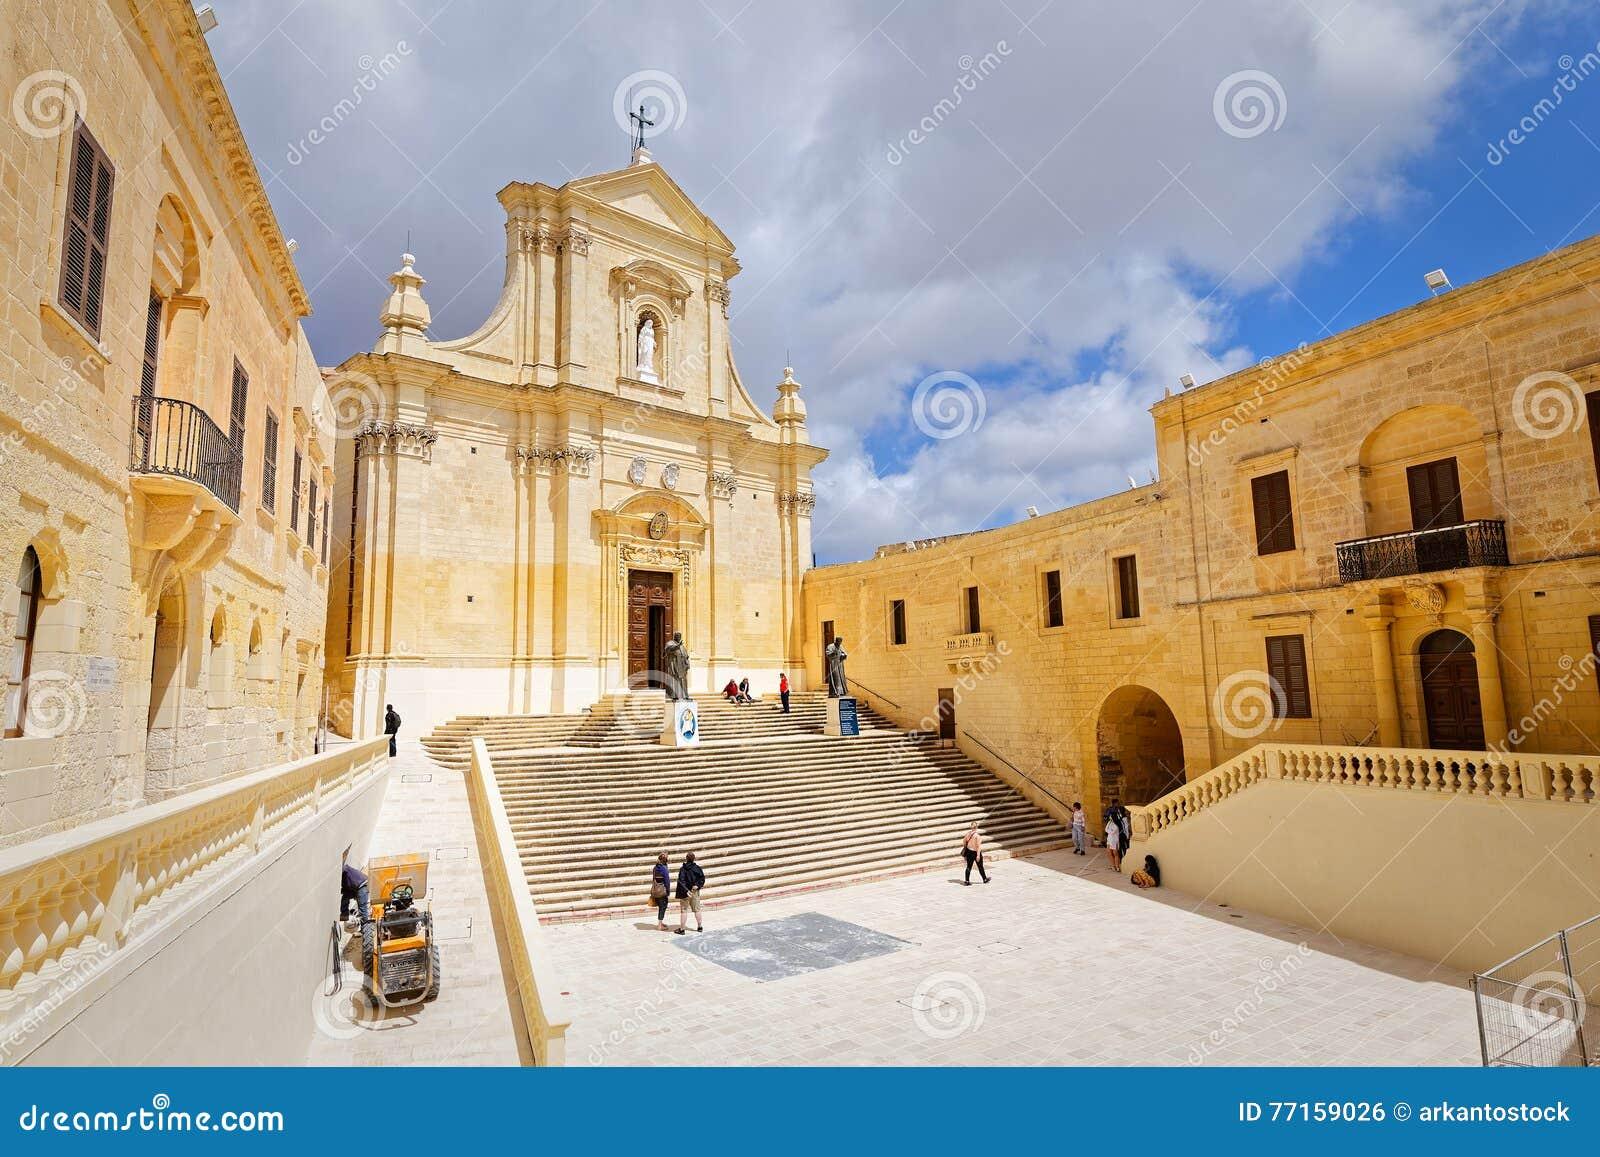 Avant-cour de la cathédrale de St Mary, Gozo